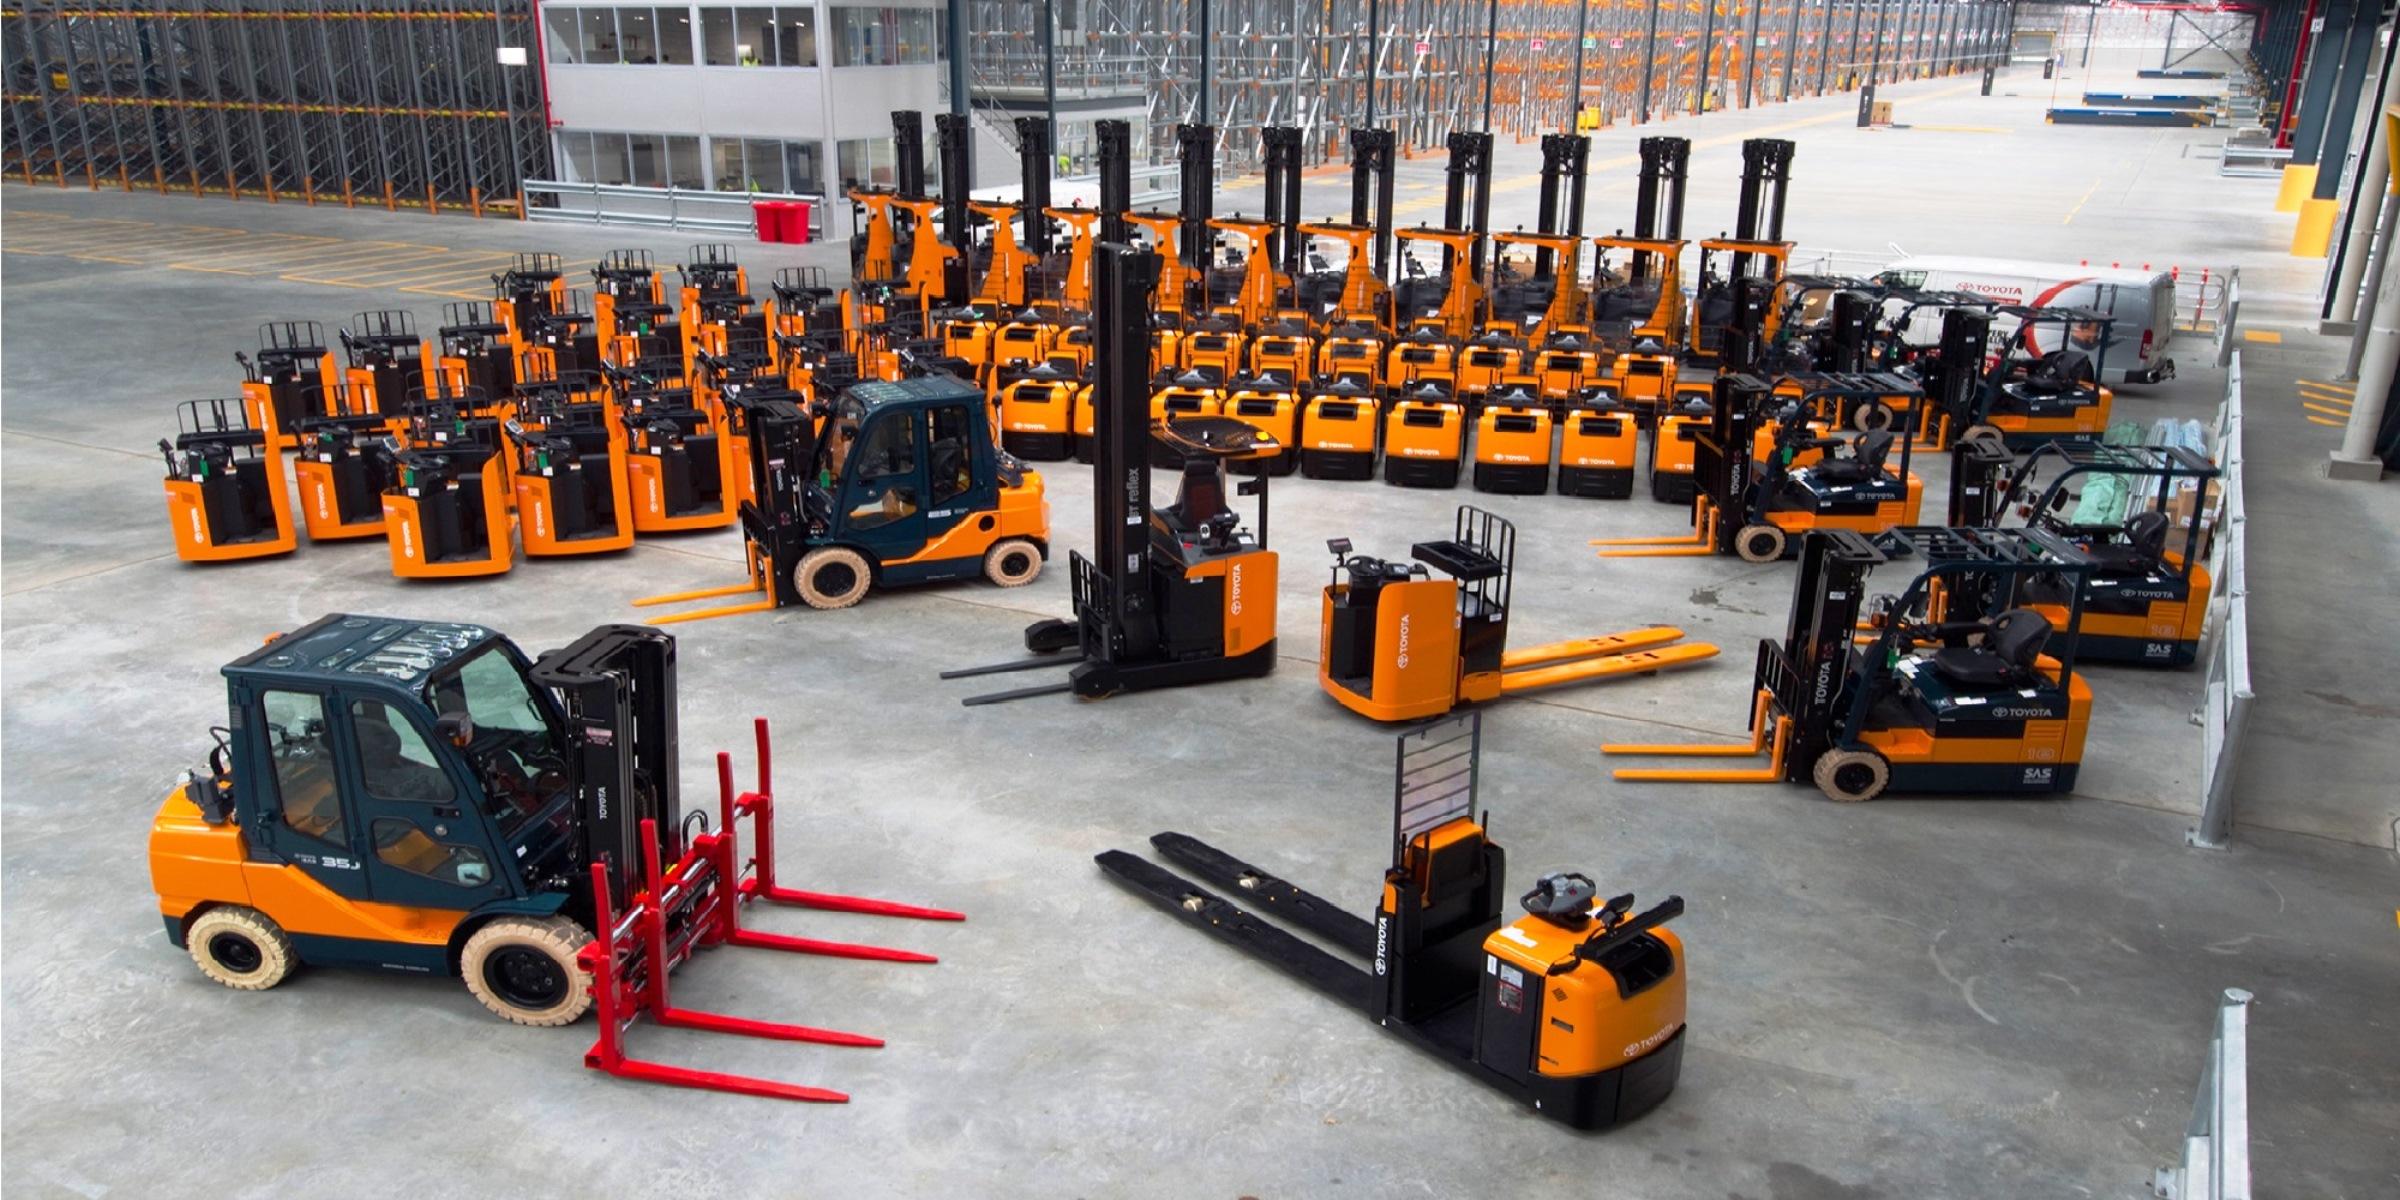 Сейчас будем говорить на такую тему, как техника для увеличения пропускной способности склада. Виды и особенности оборудования.